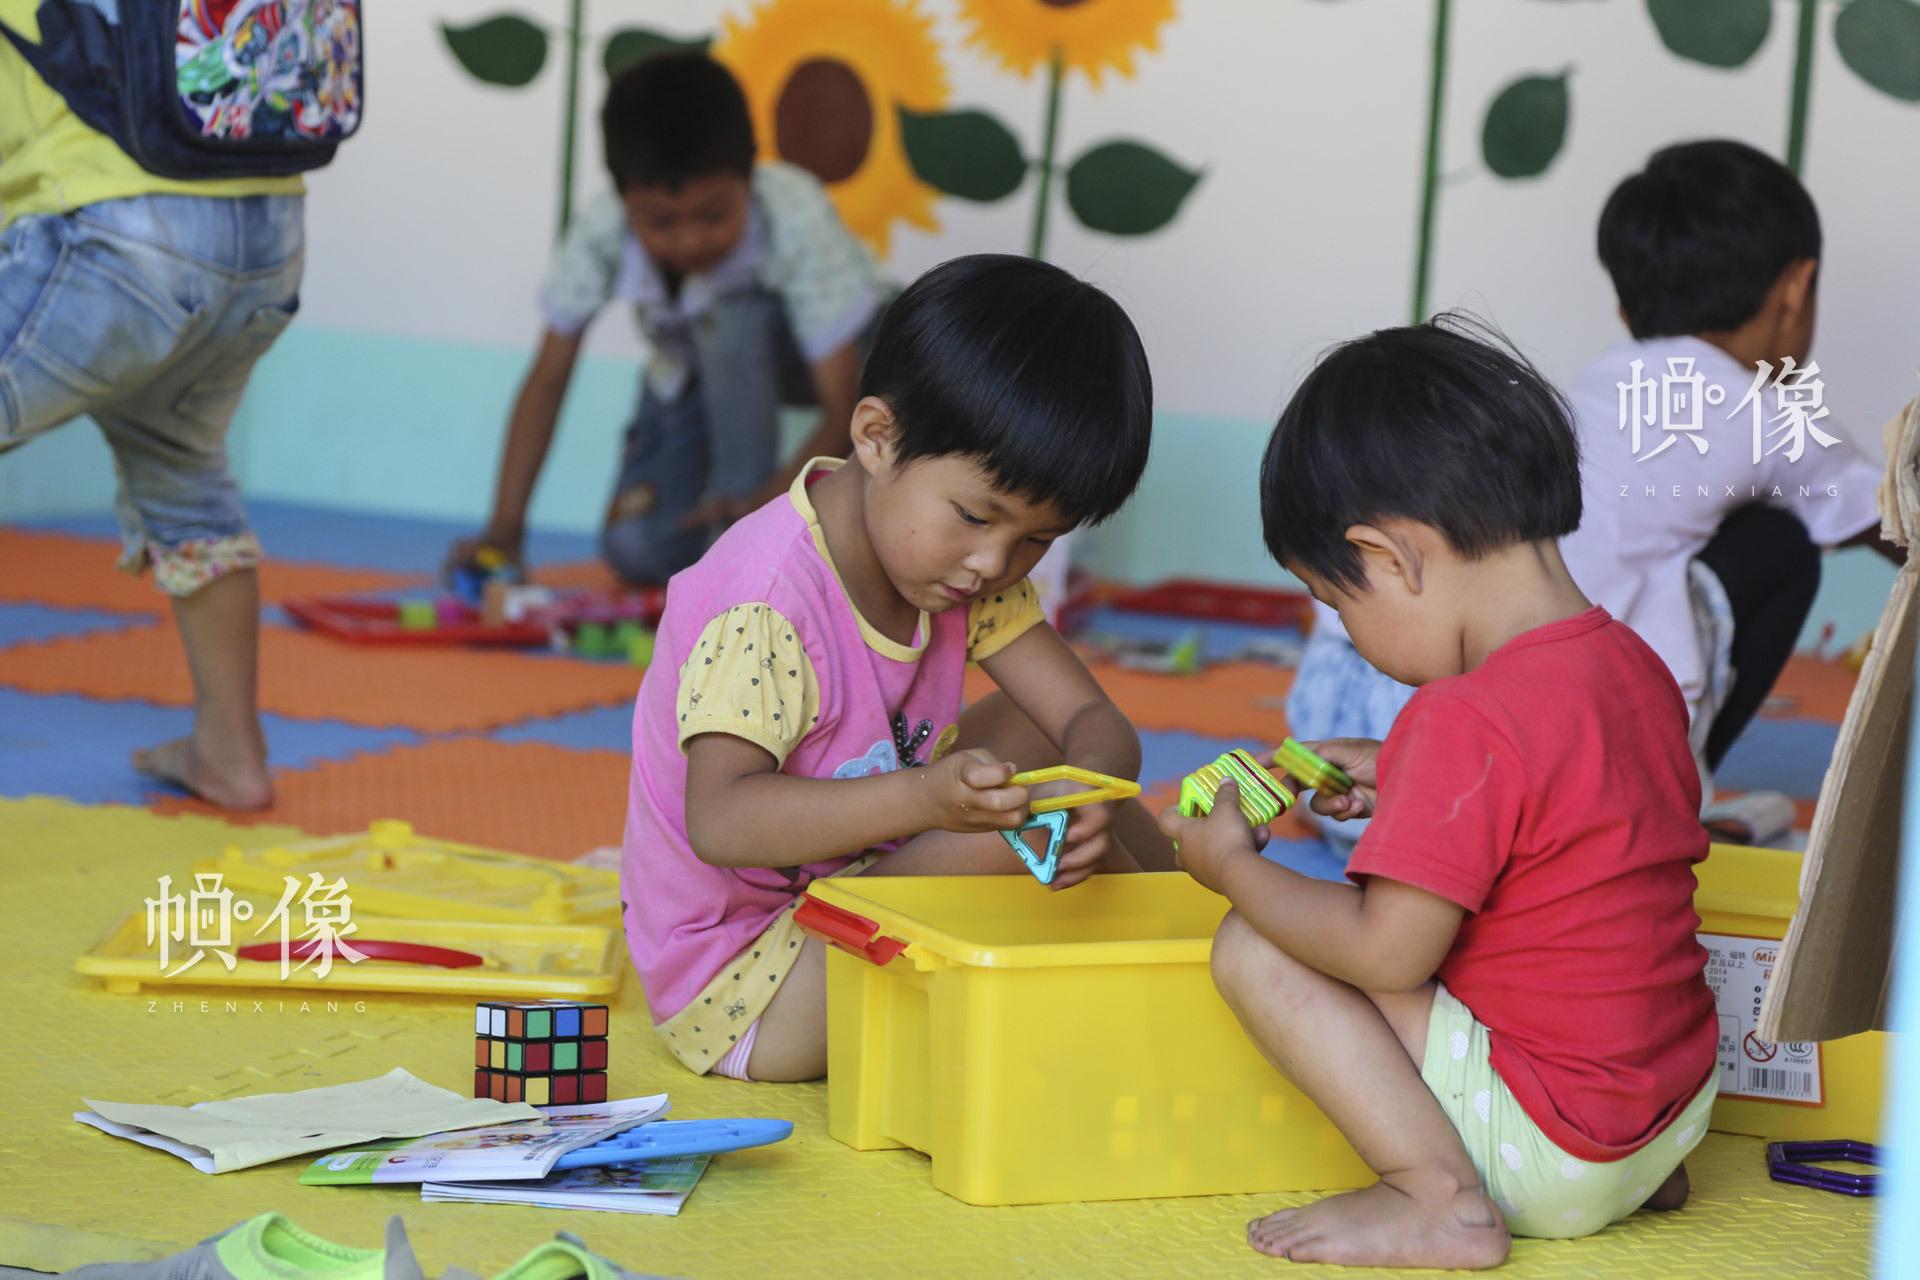 """""""儿童快乐家园""""是全国妇联、中国儿童少年基金会于2014年面向留守儿童集中的村镇社区推出的公益项目。目前,项目通过筹集社会爱心资金和中央专项彩票公益金支持,已在全国30个省(区、市)和新疆生产建设兵团捐建了874个""""儿童快乐家园"""",惠及40余万儿童。中国网记者 黄富友 摄"""